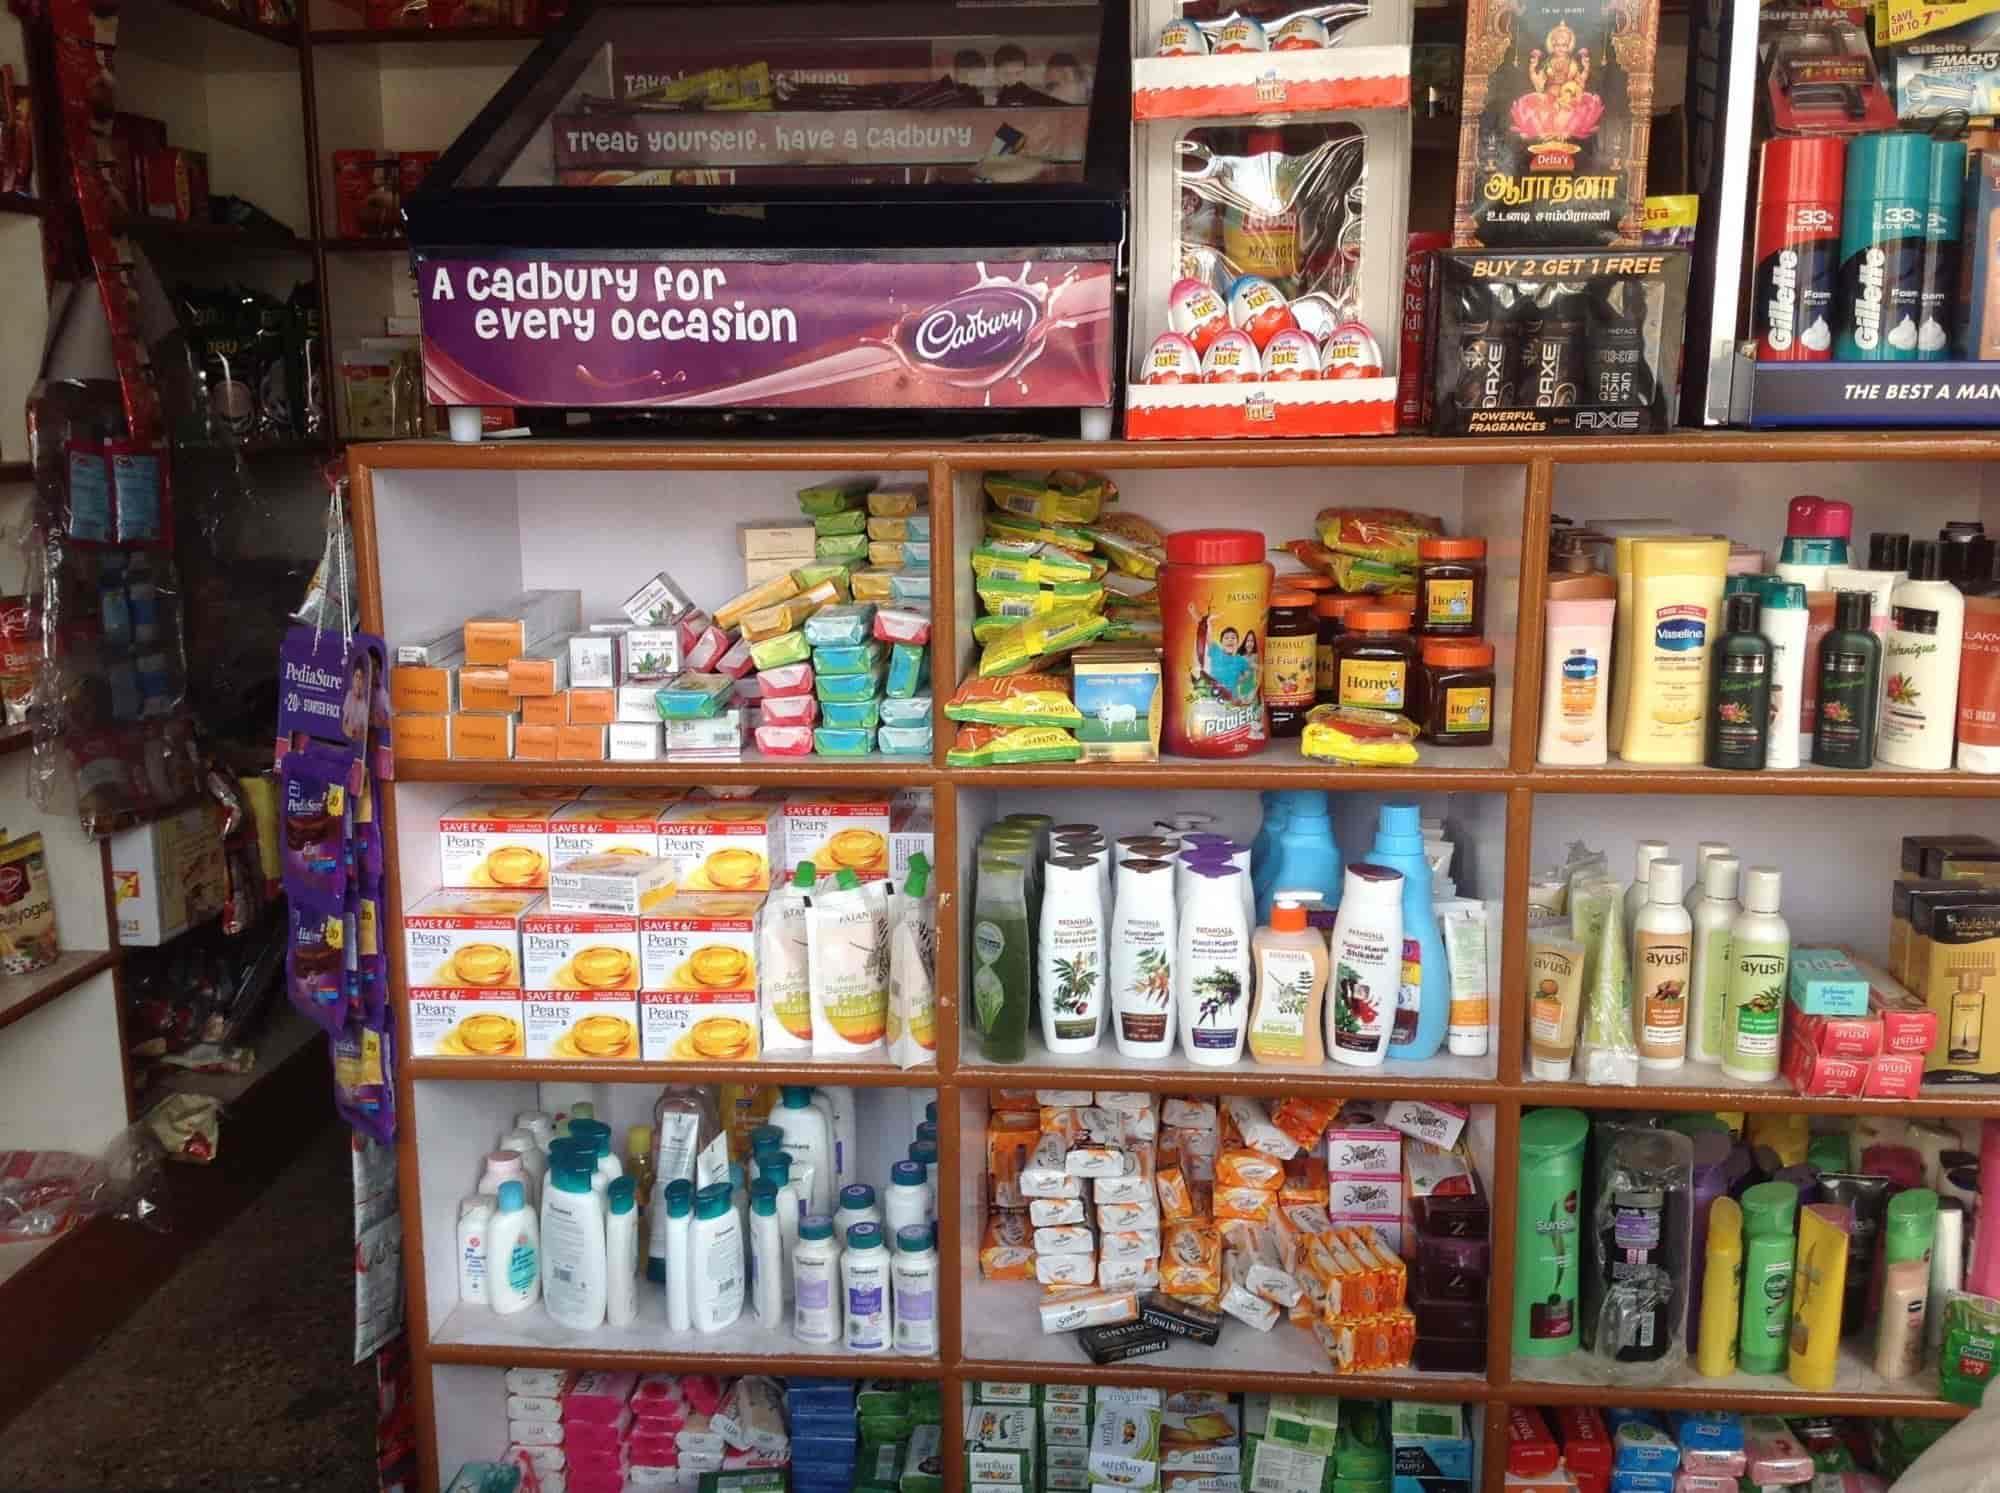 Sri bhuvaneshwari traders jp nagar supermarkets in bangalore sri bhuvaneshwari traders jp nagar supermarkets in bangalore justdial solutioingenieria Choice Image